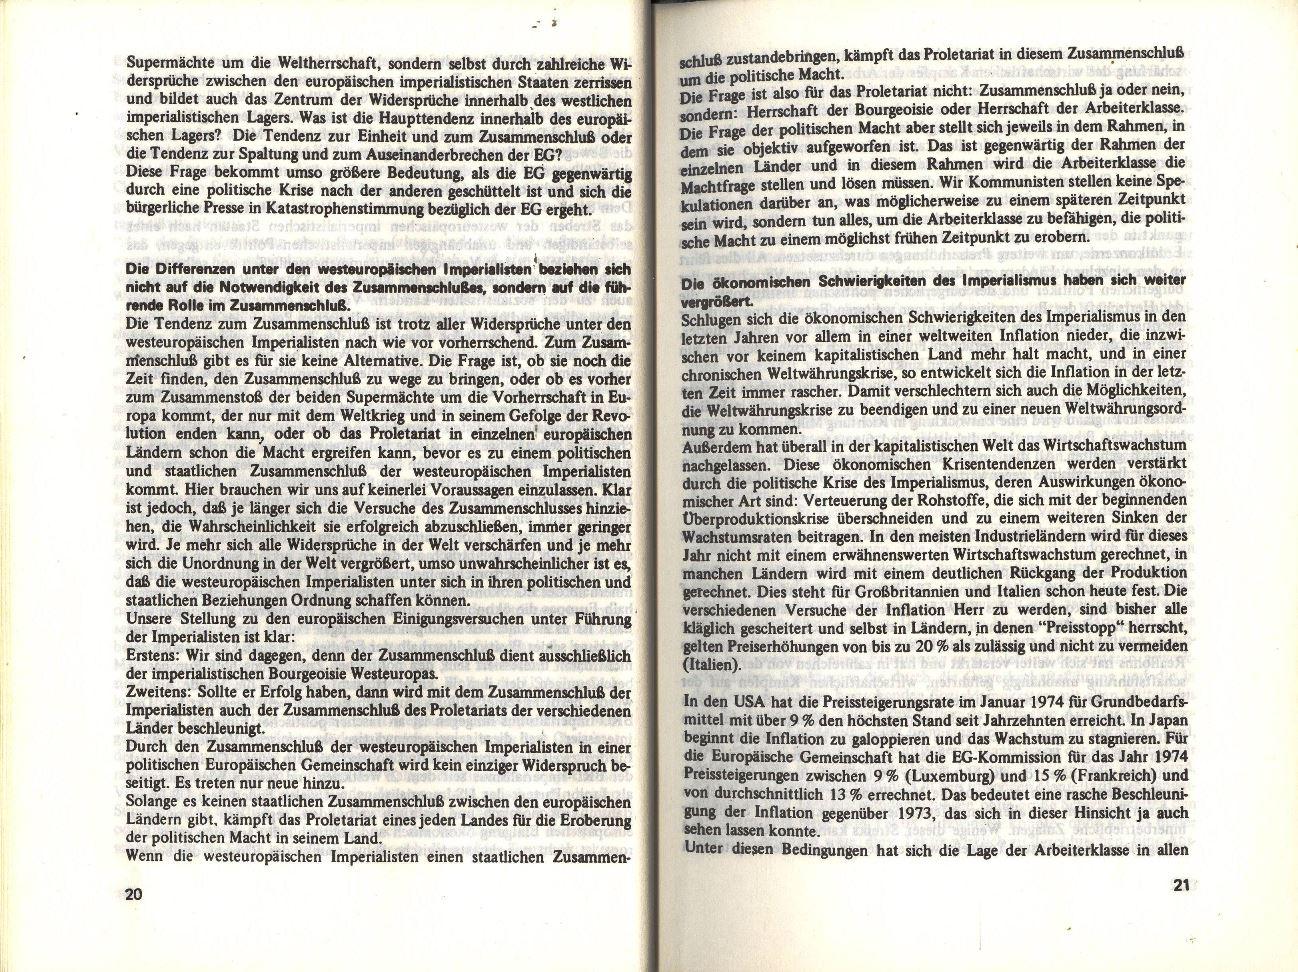 KBW_1974_Politischer_Bericht012